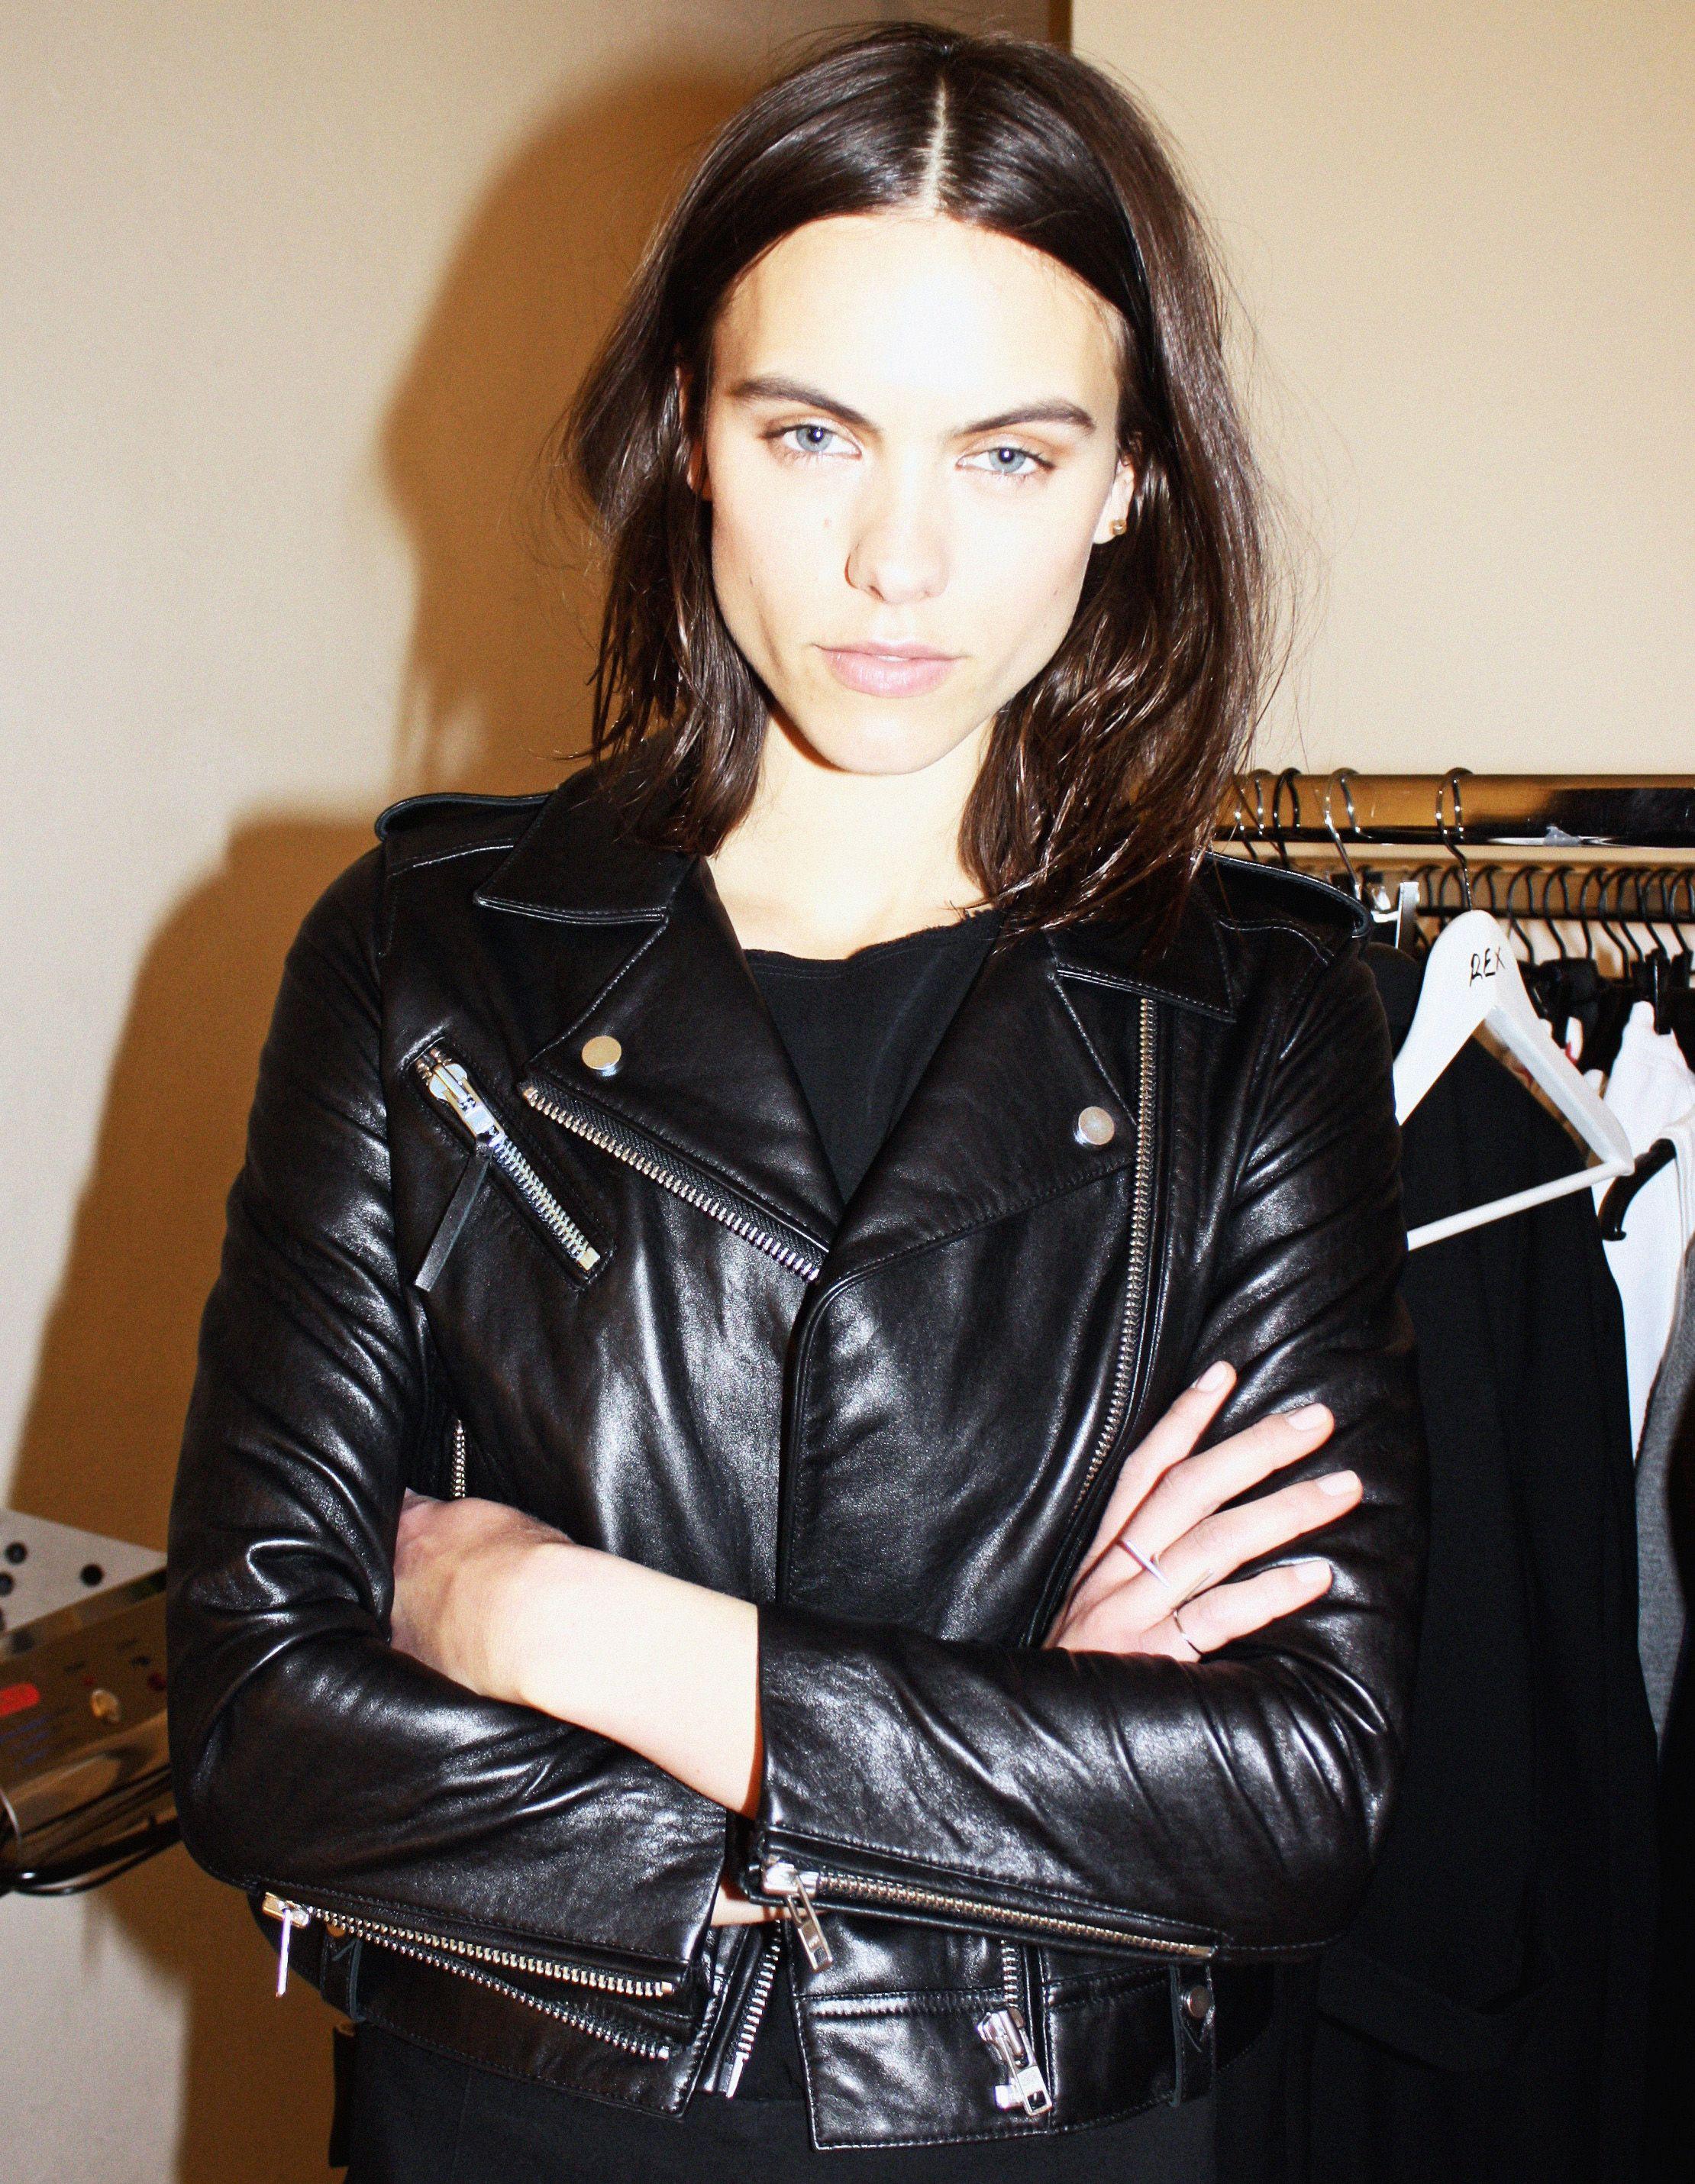 Leather jacket instagram - Model Corinna Ingenleuf In Upcoming Biker Jacket Instagram Weekday_stores